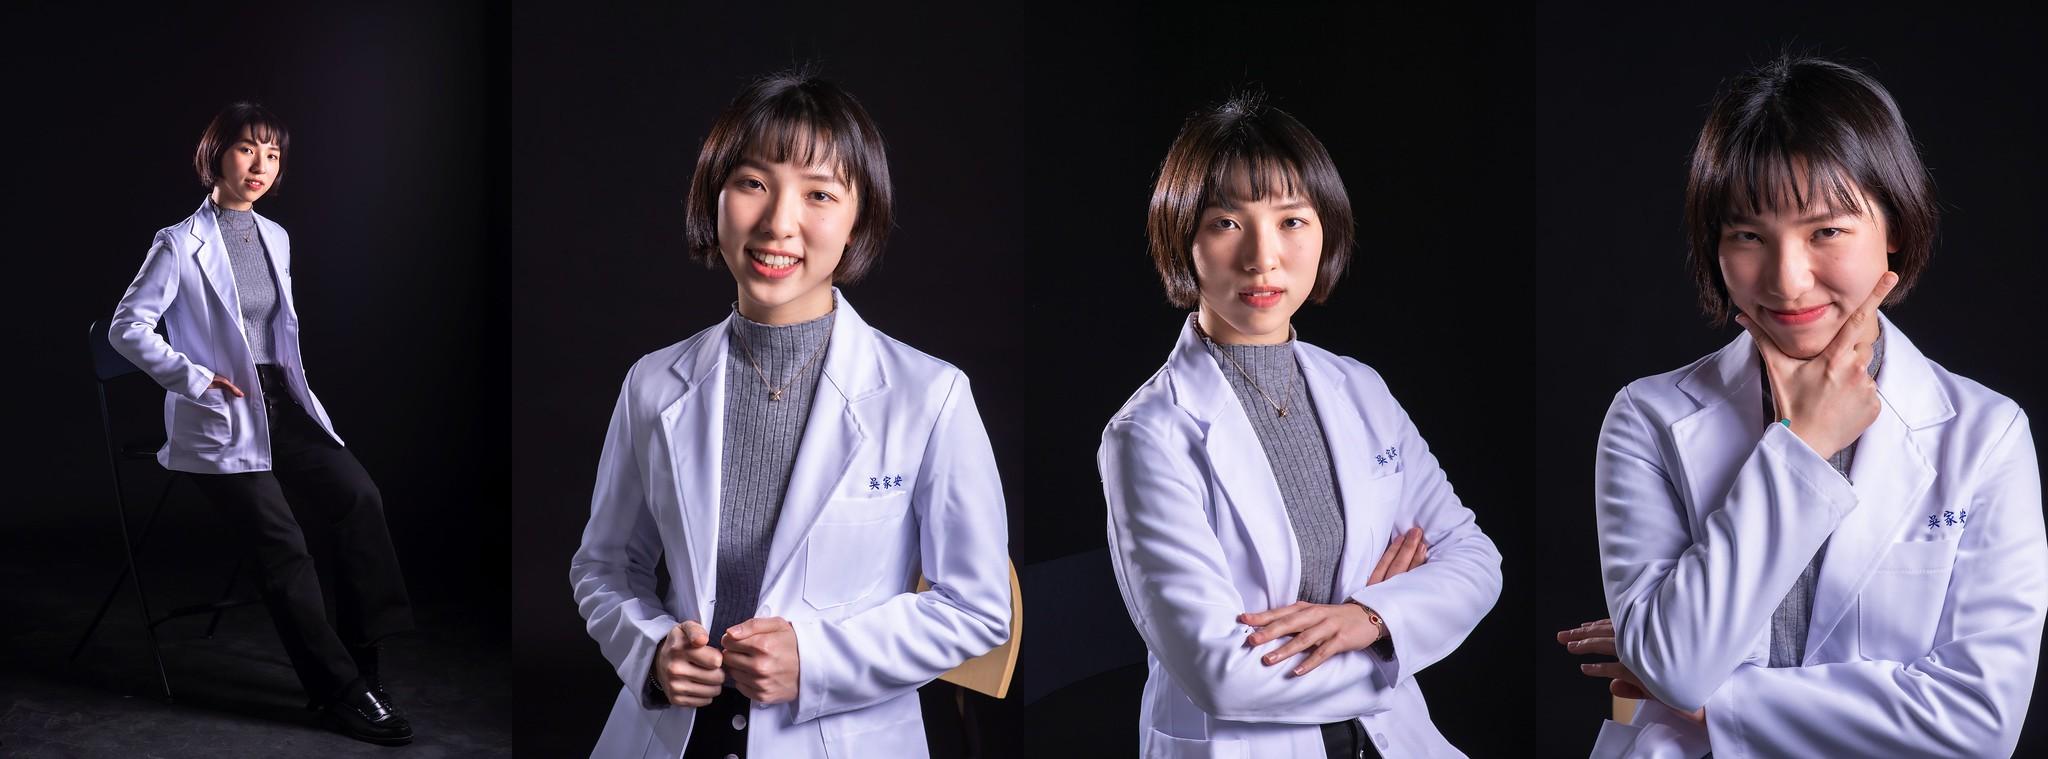 中國醫藥大學醫學院M60白袍形象照_09